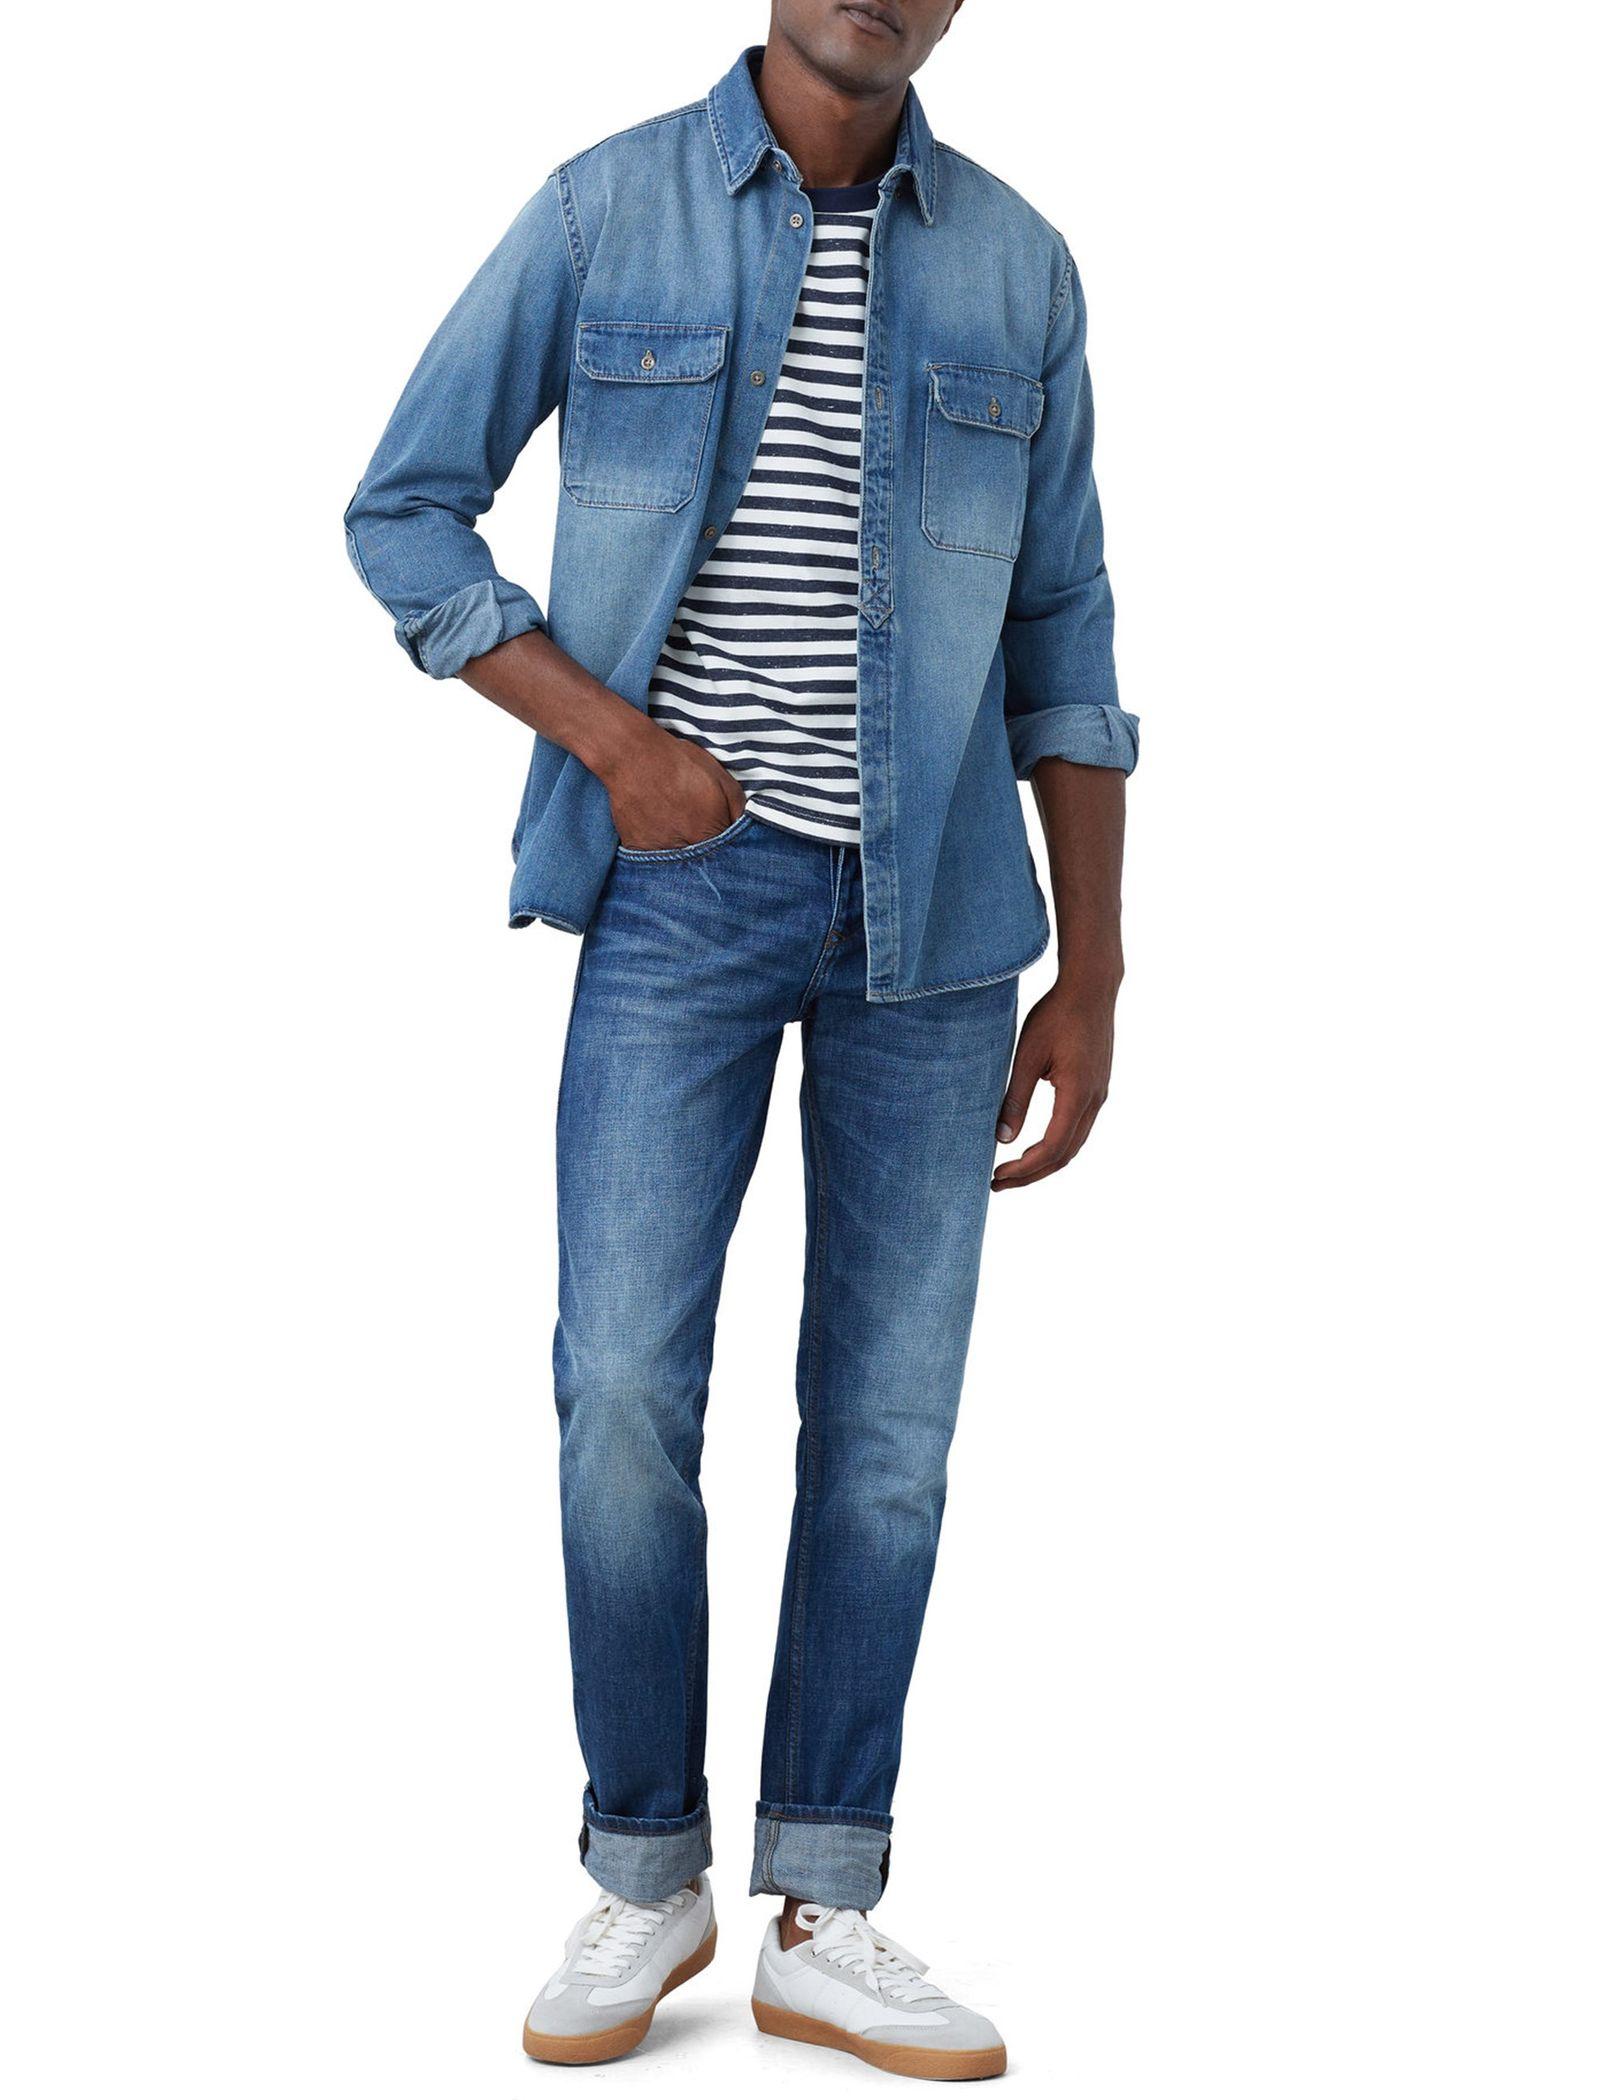 شلوار جین جذب مردانه - مانگو - آبي روشن - 2